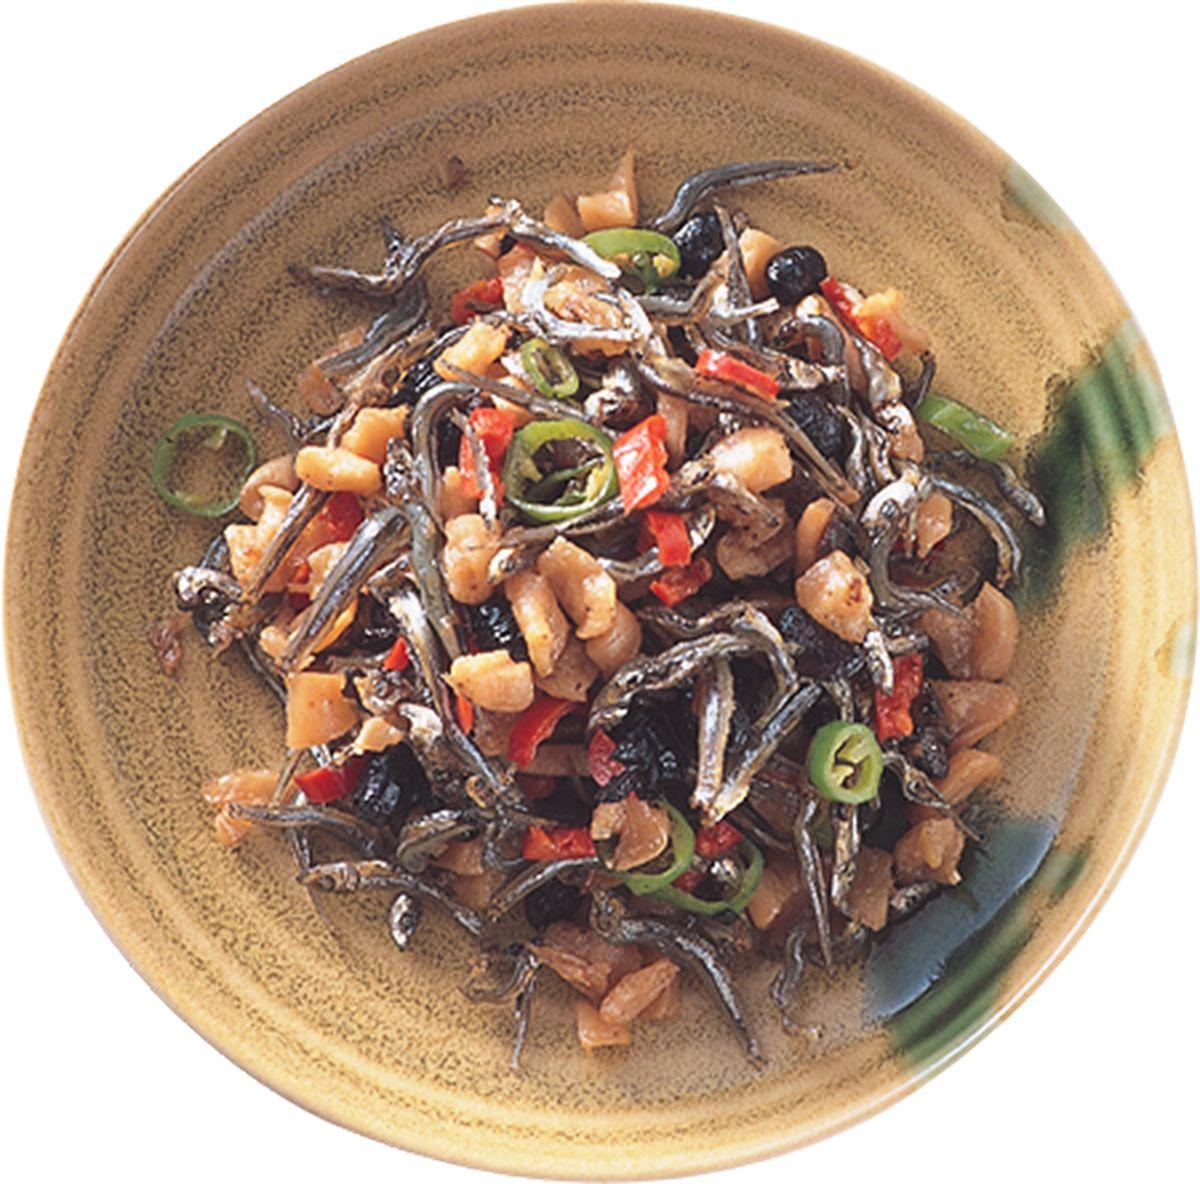 食譜:豆鼓菜脯丁香